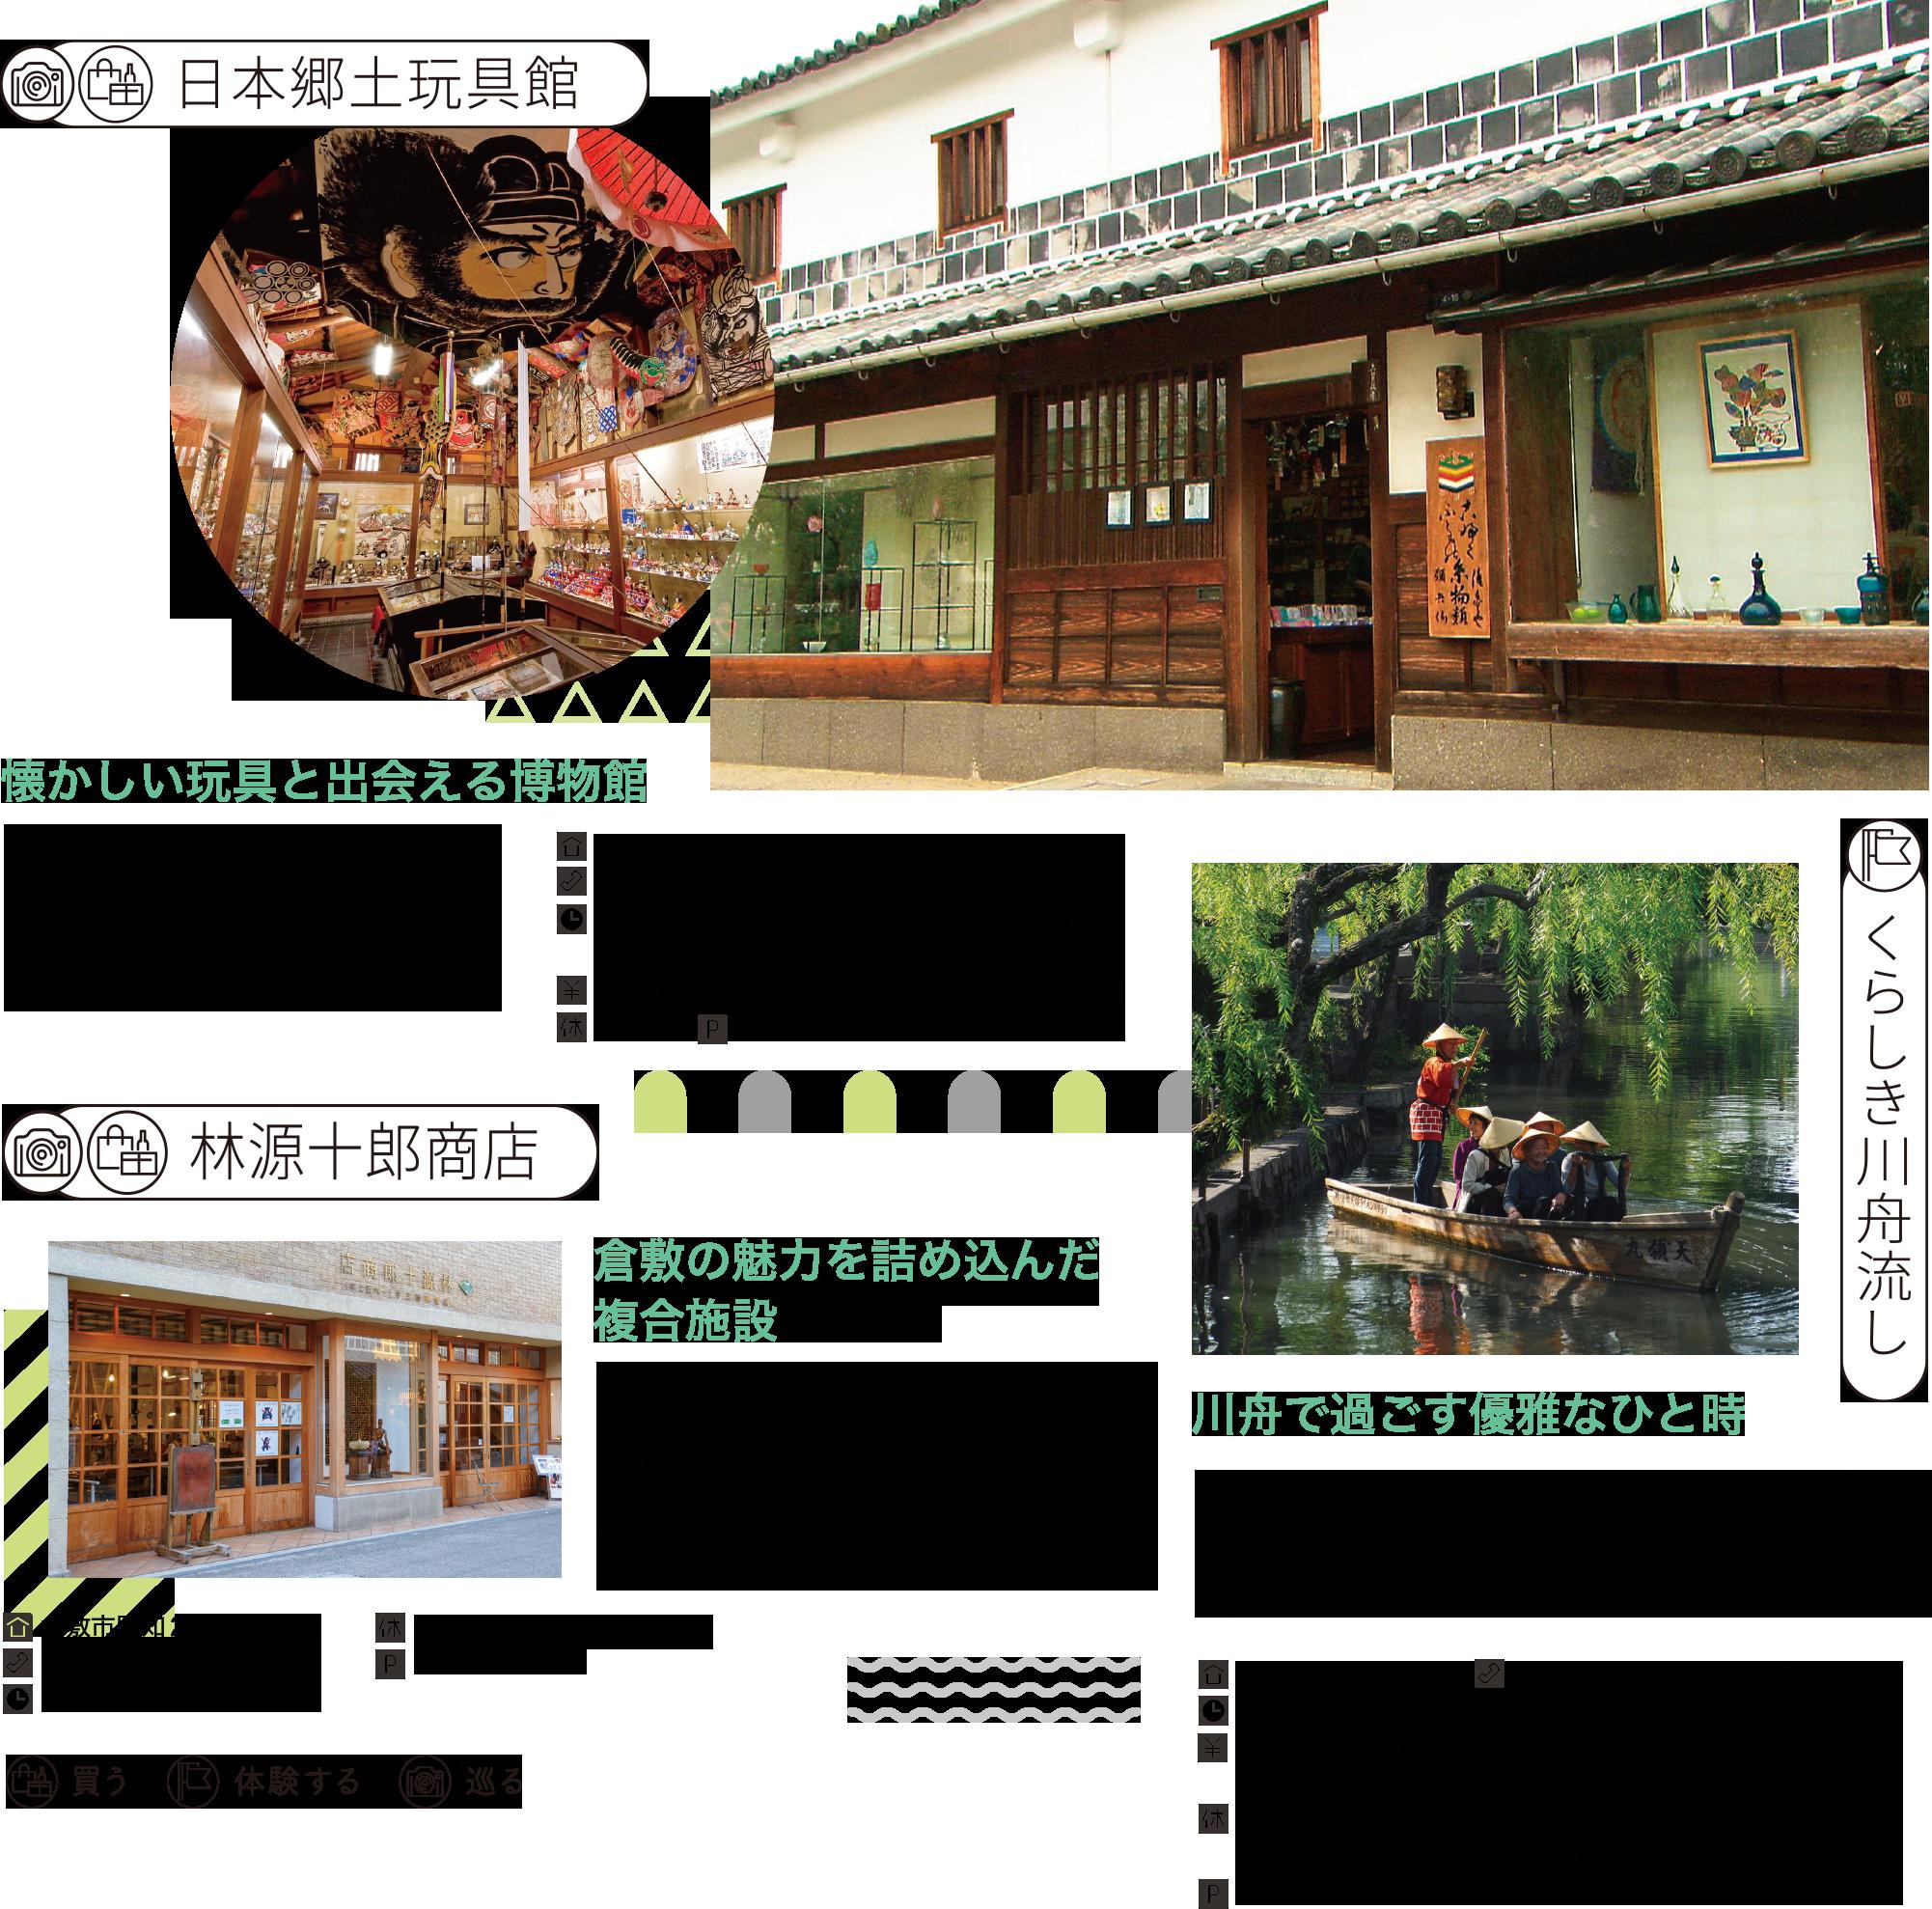 オルゴールミュゼ・メタセコイア 倉敷貯金箱博物館 ベティスミス・ジーンズミュージアム 倉敷刀剣博物館